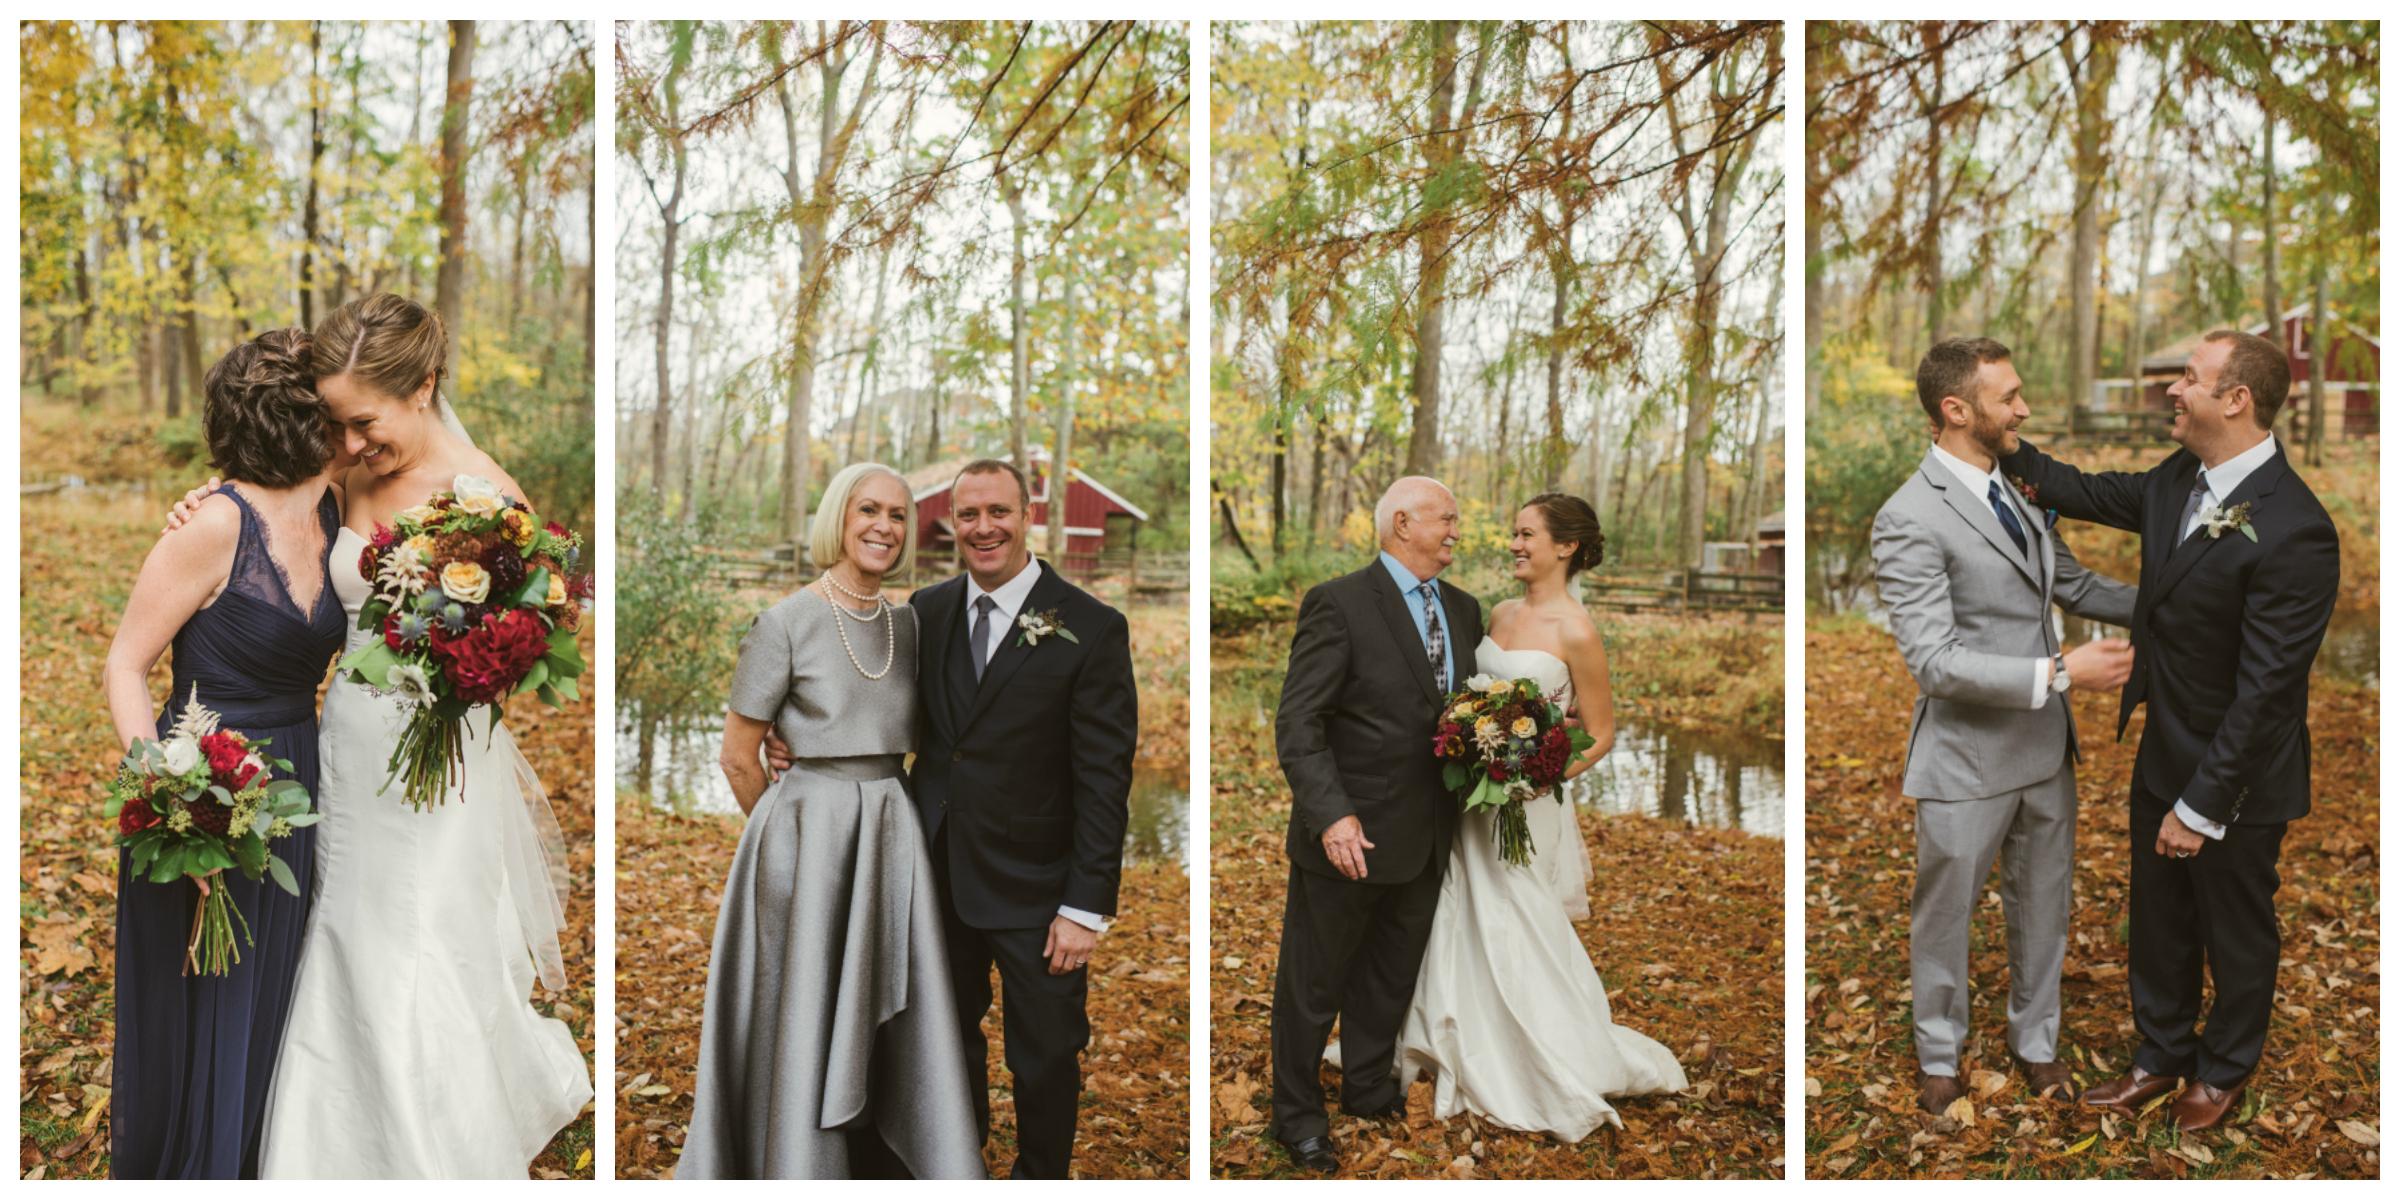 BROOKMILL FARM FALL WEDDING - TWOTWENTY by CHI-CHI AGBIM - PIC STITCH 10.jpg